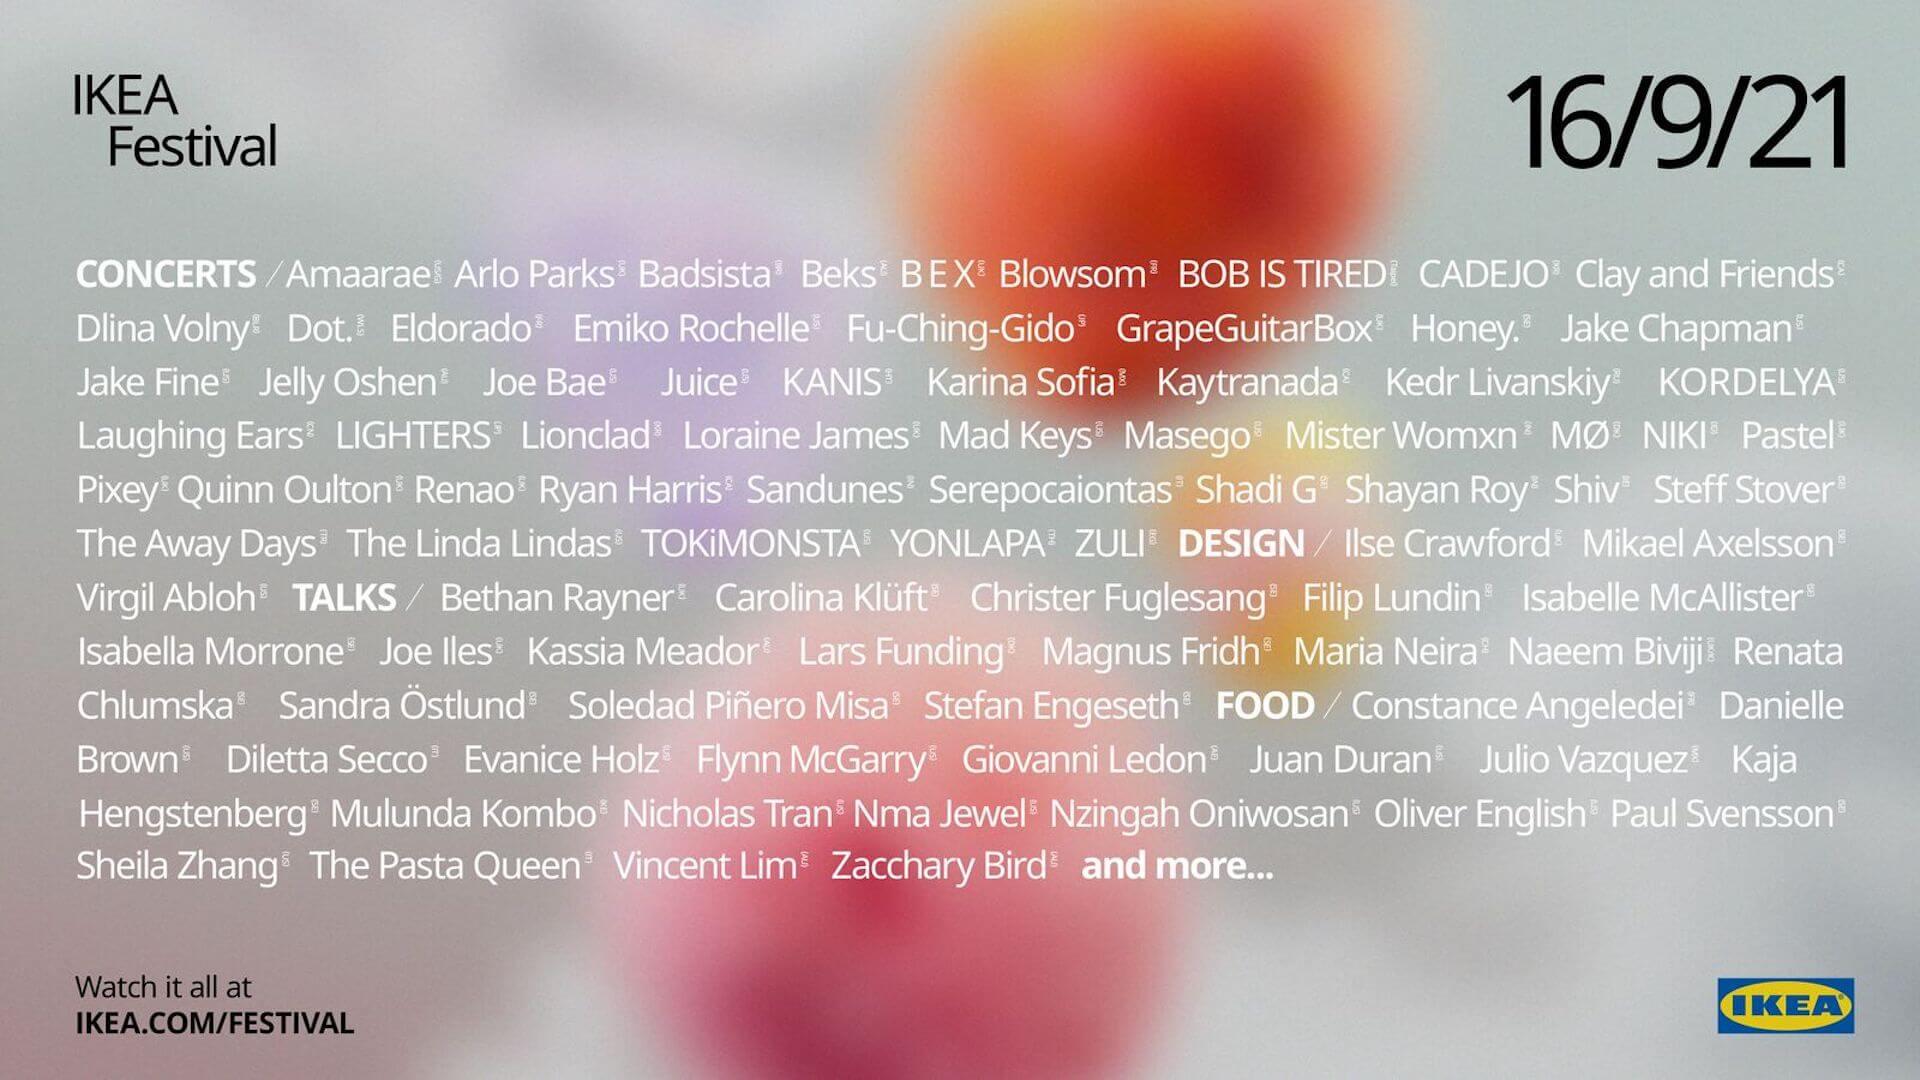 イケア初24時間オンラインイベント<IKEA Festival>が開催!KAYTRANADAやMasegoなど豪華アーティストがライブに参加 music210915_ikea_festival_01